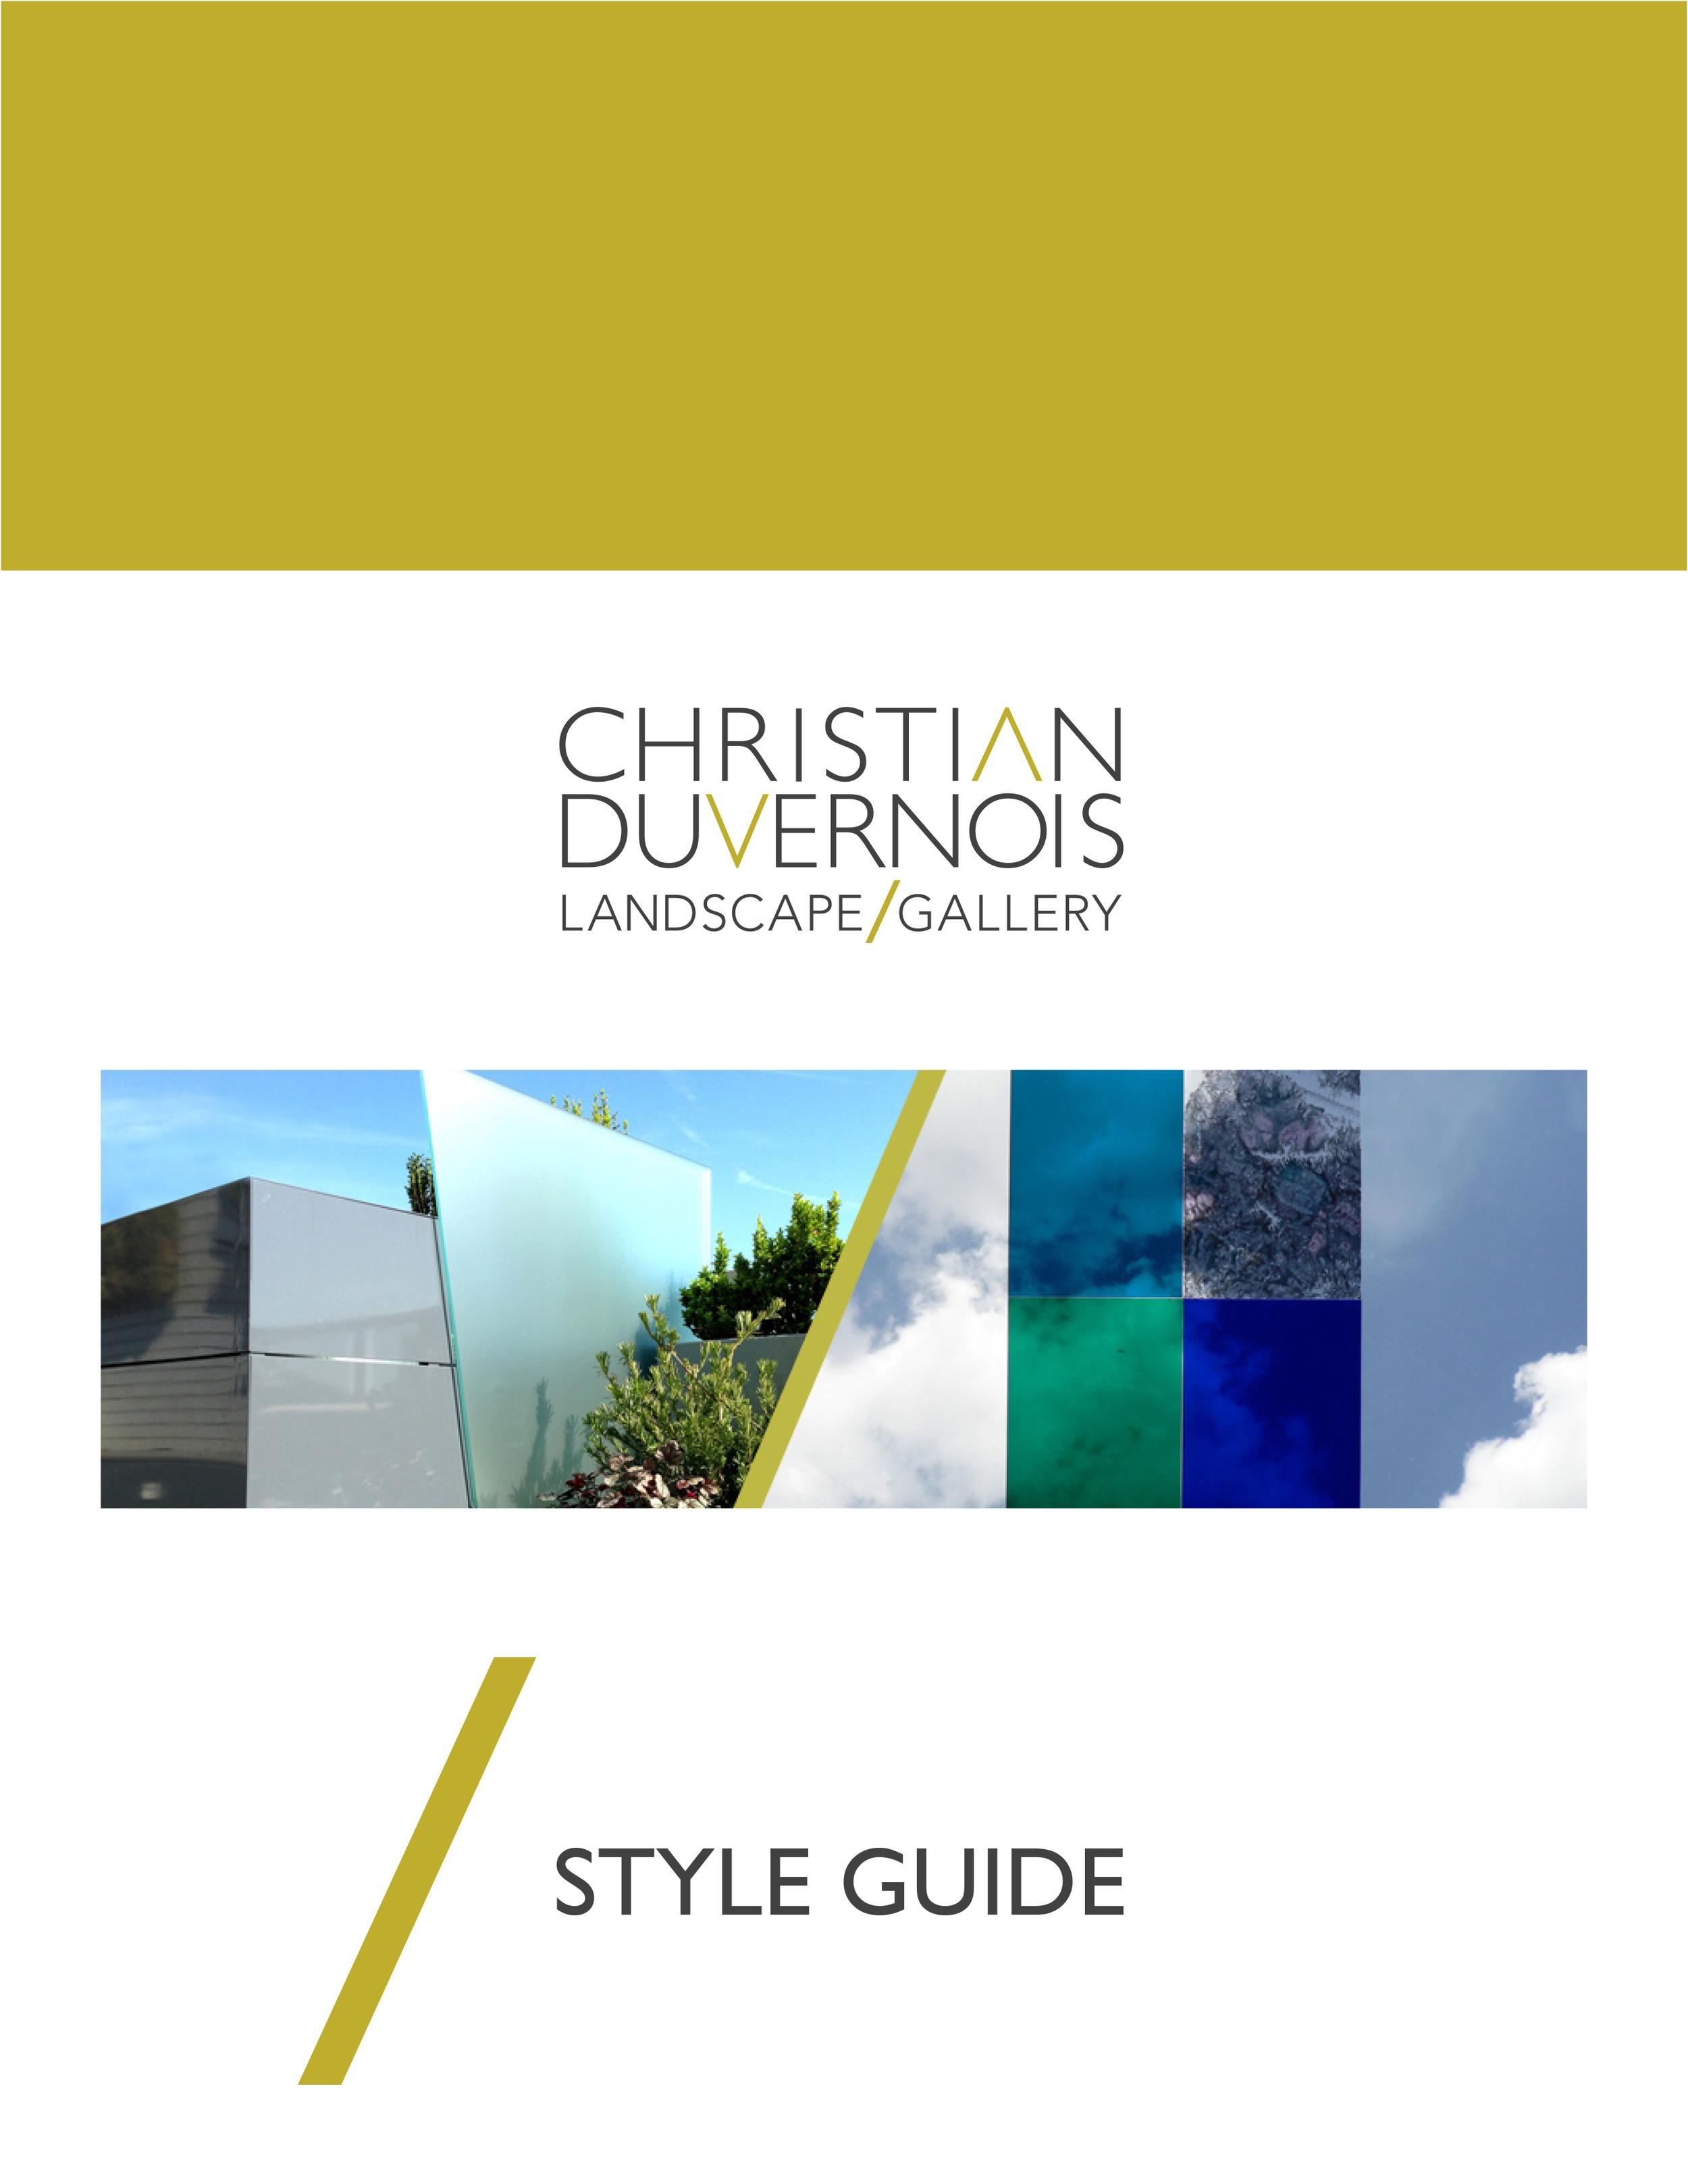 C-Duvernois-Style-Guide-V1-1.jpg